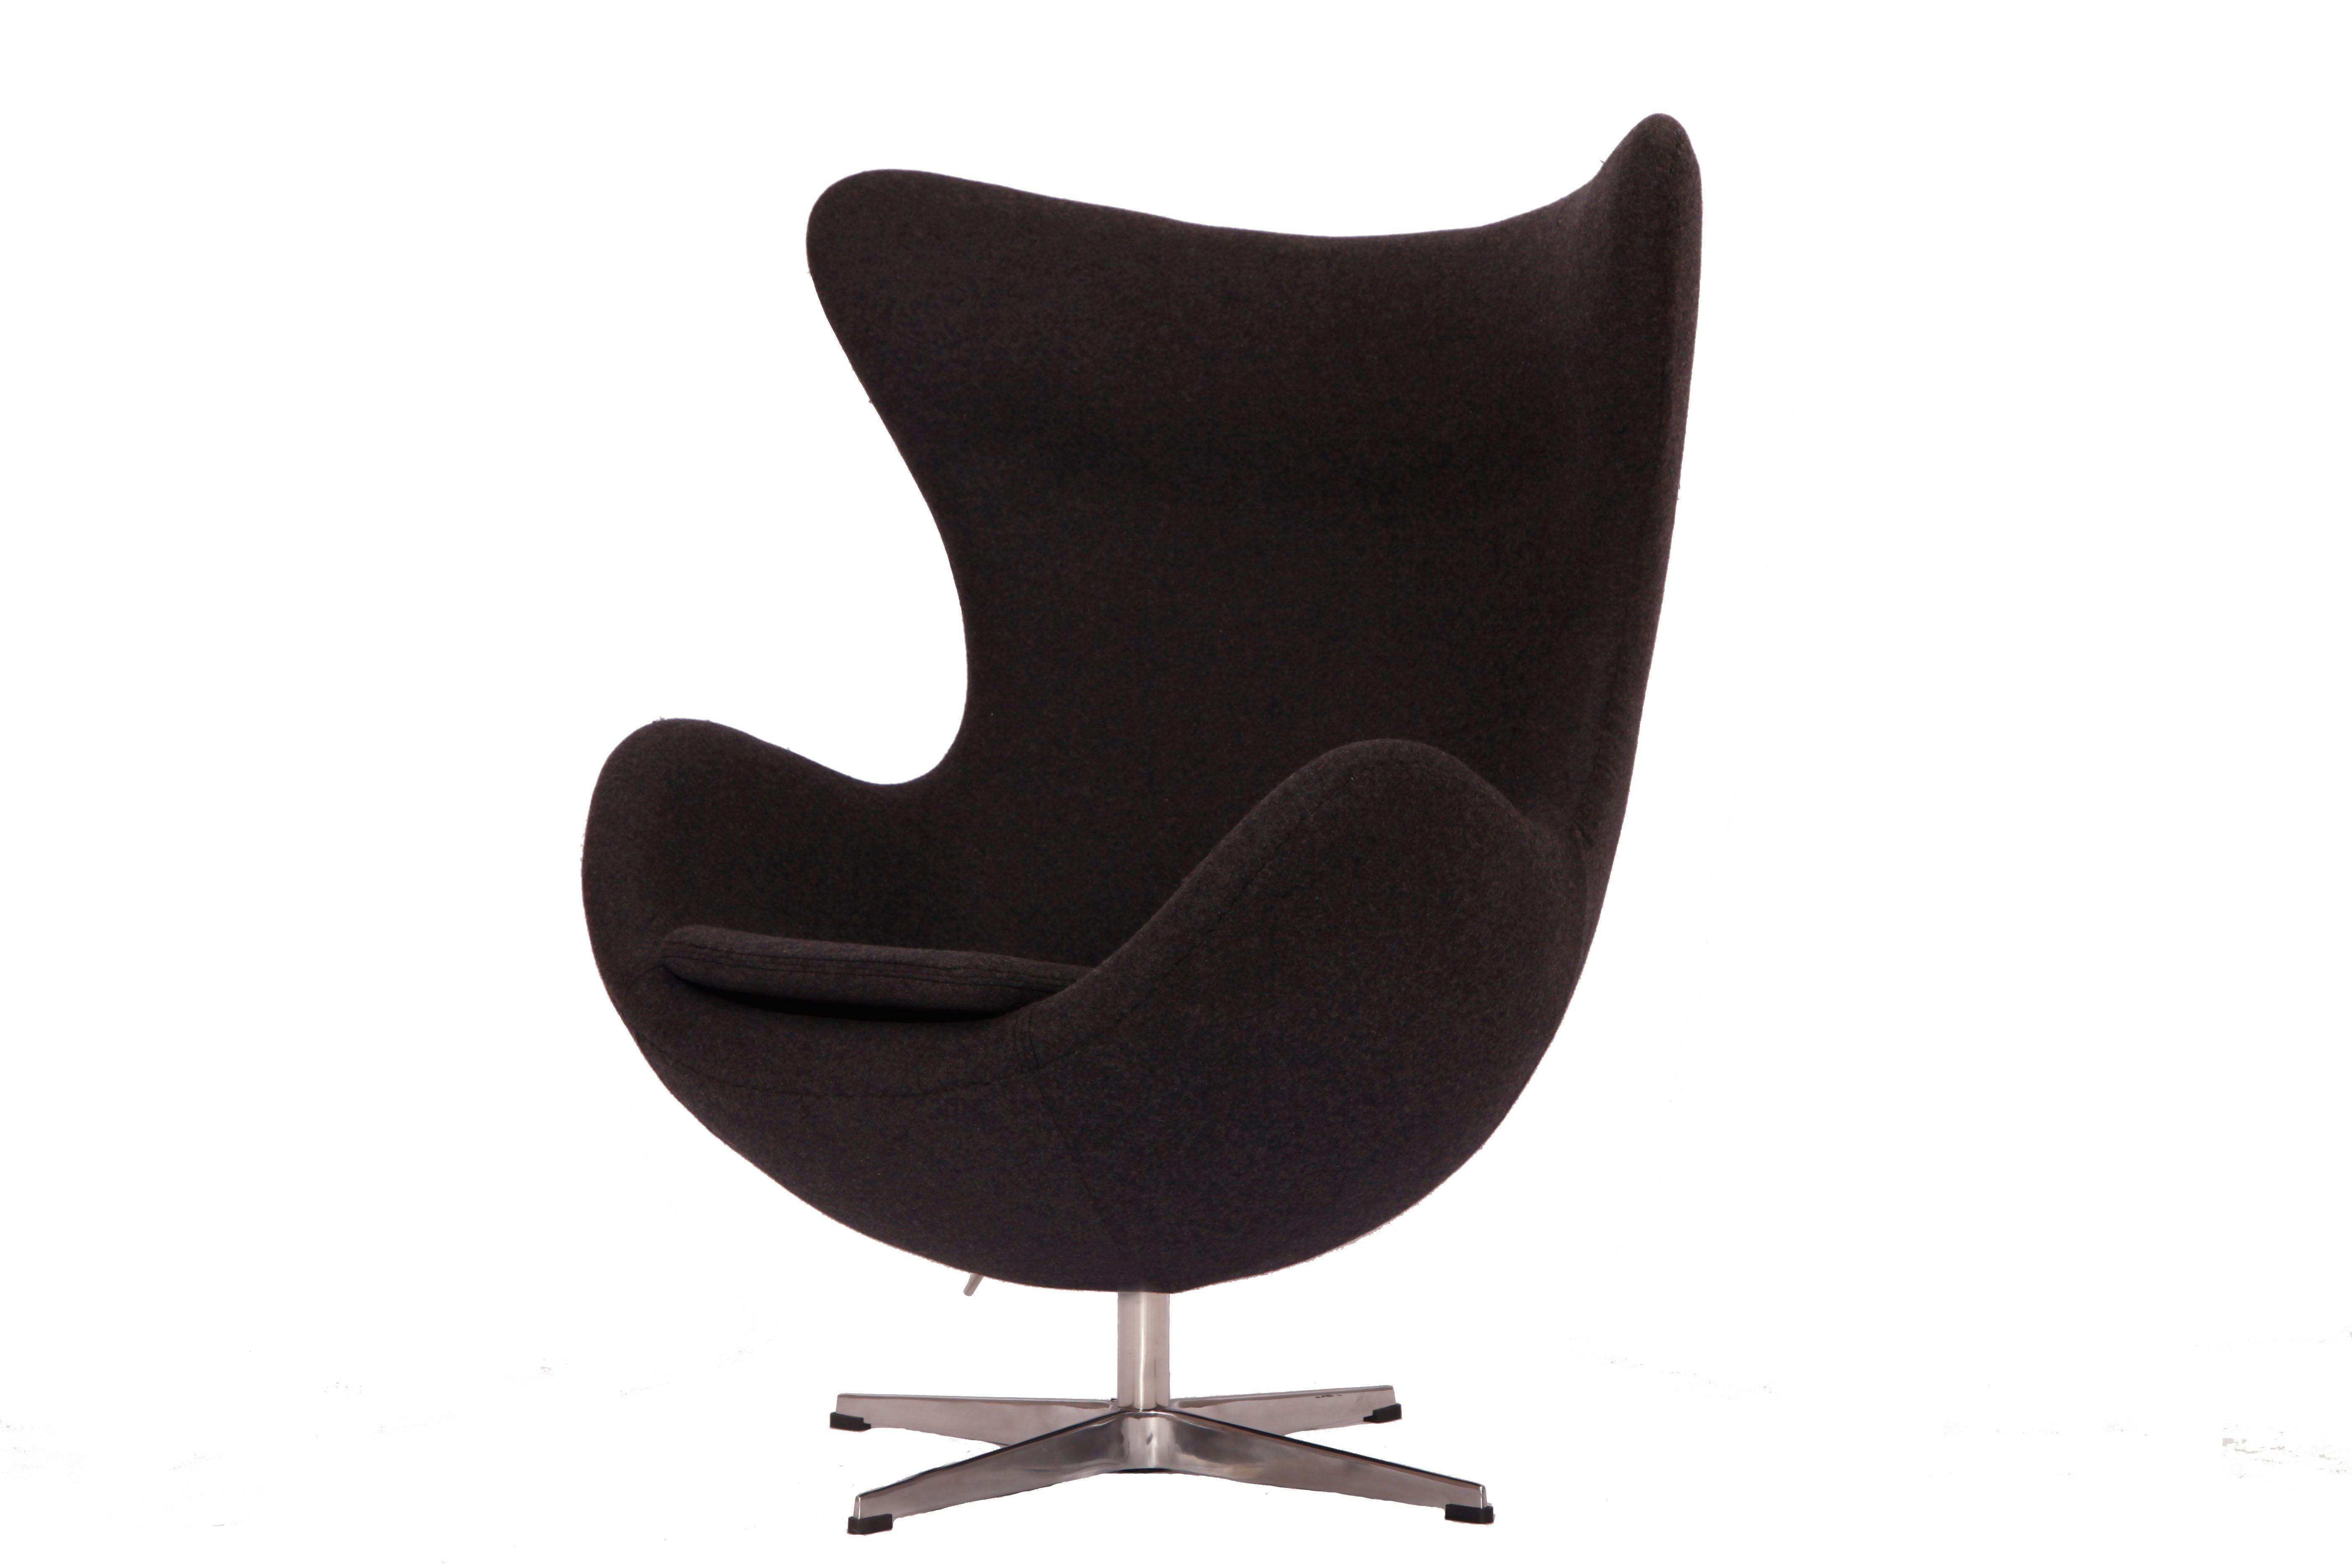 Egg stoel idee n voor het huis eggs egg chair en chair for The egg stoel